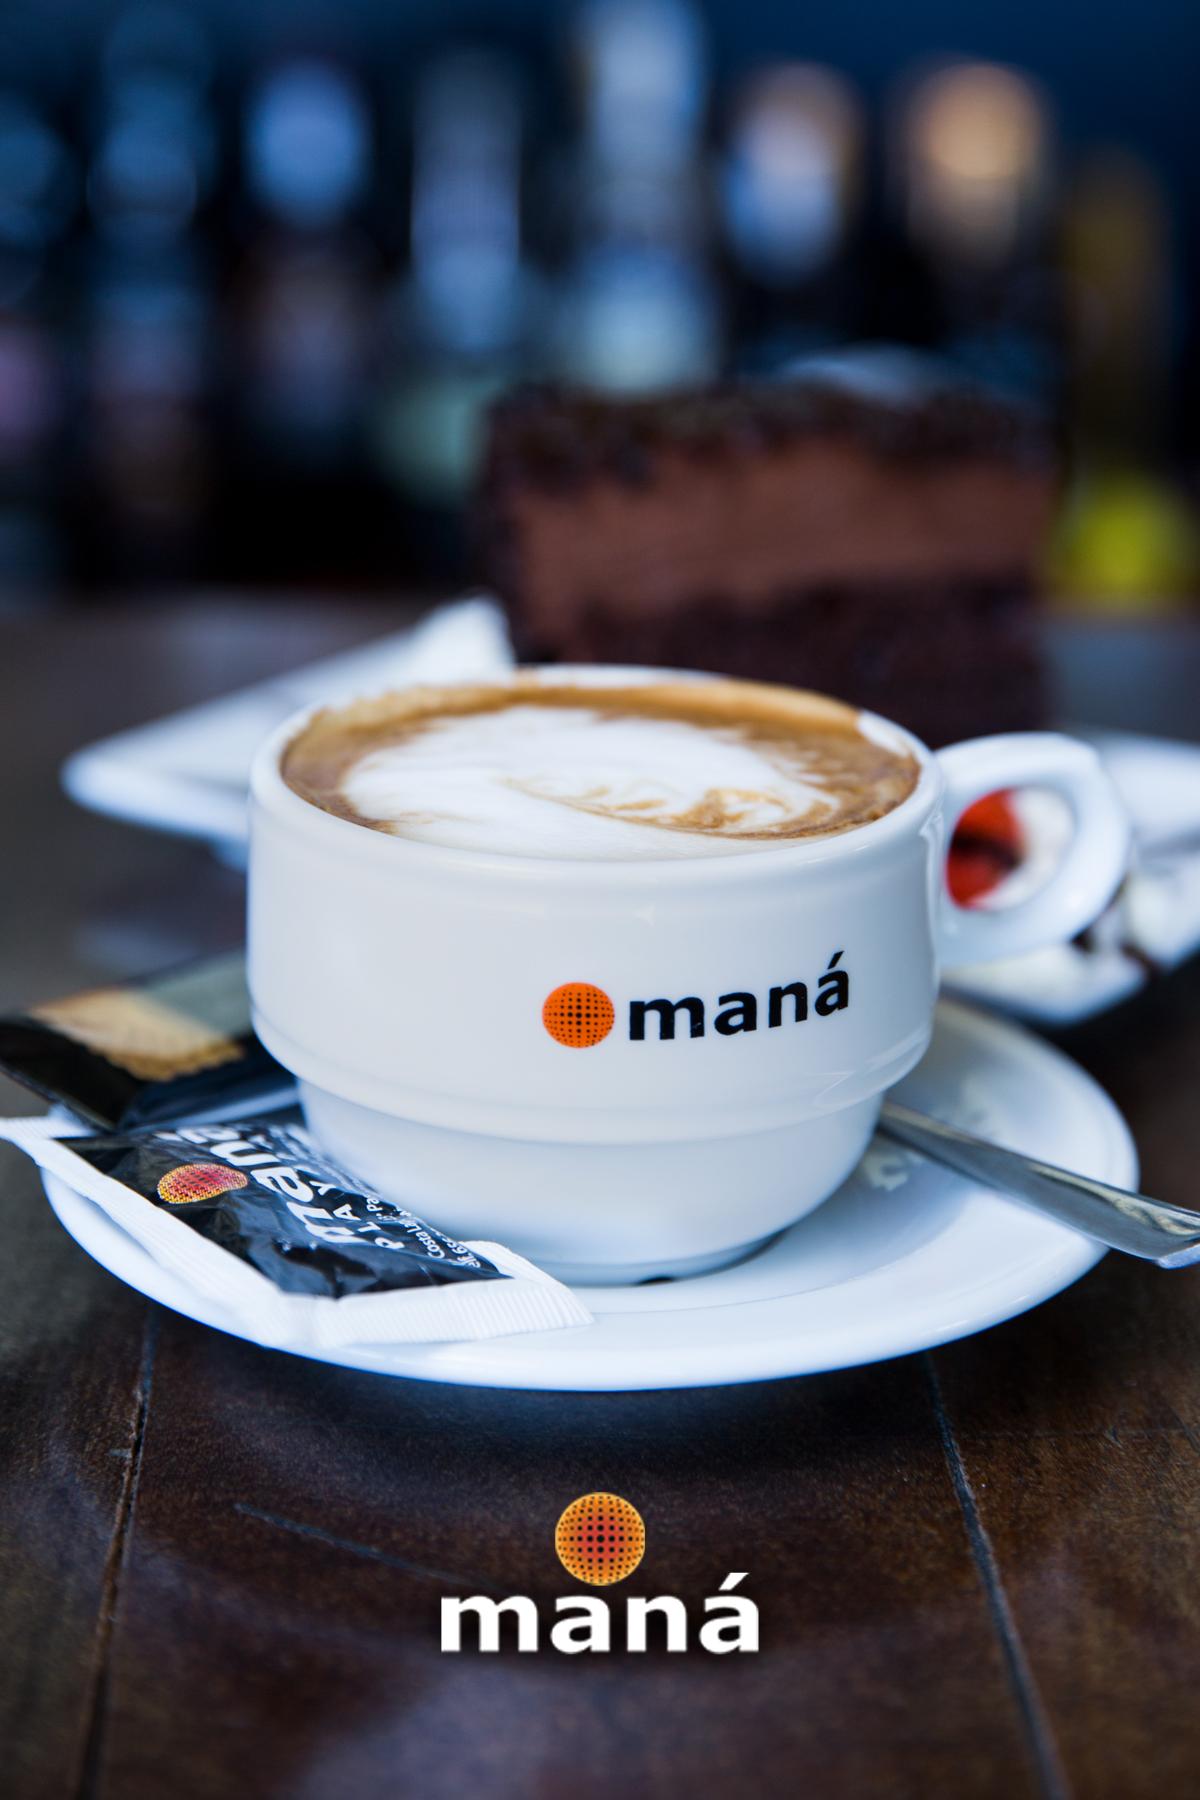 MANA_02